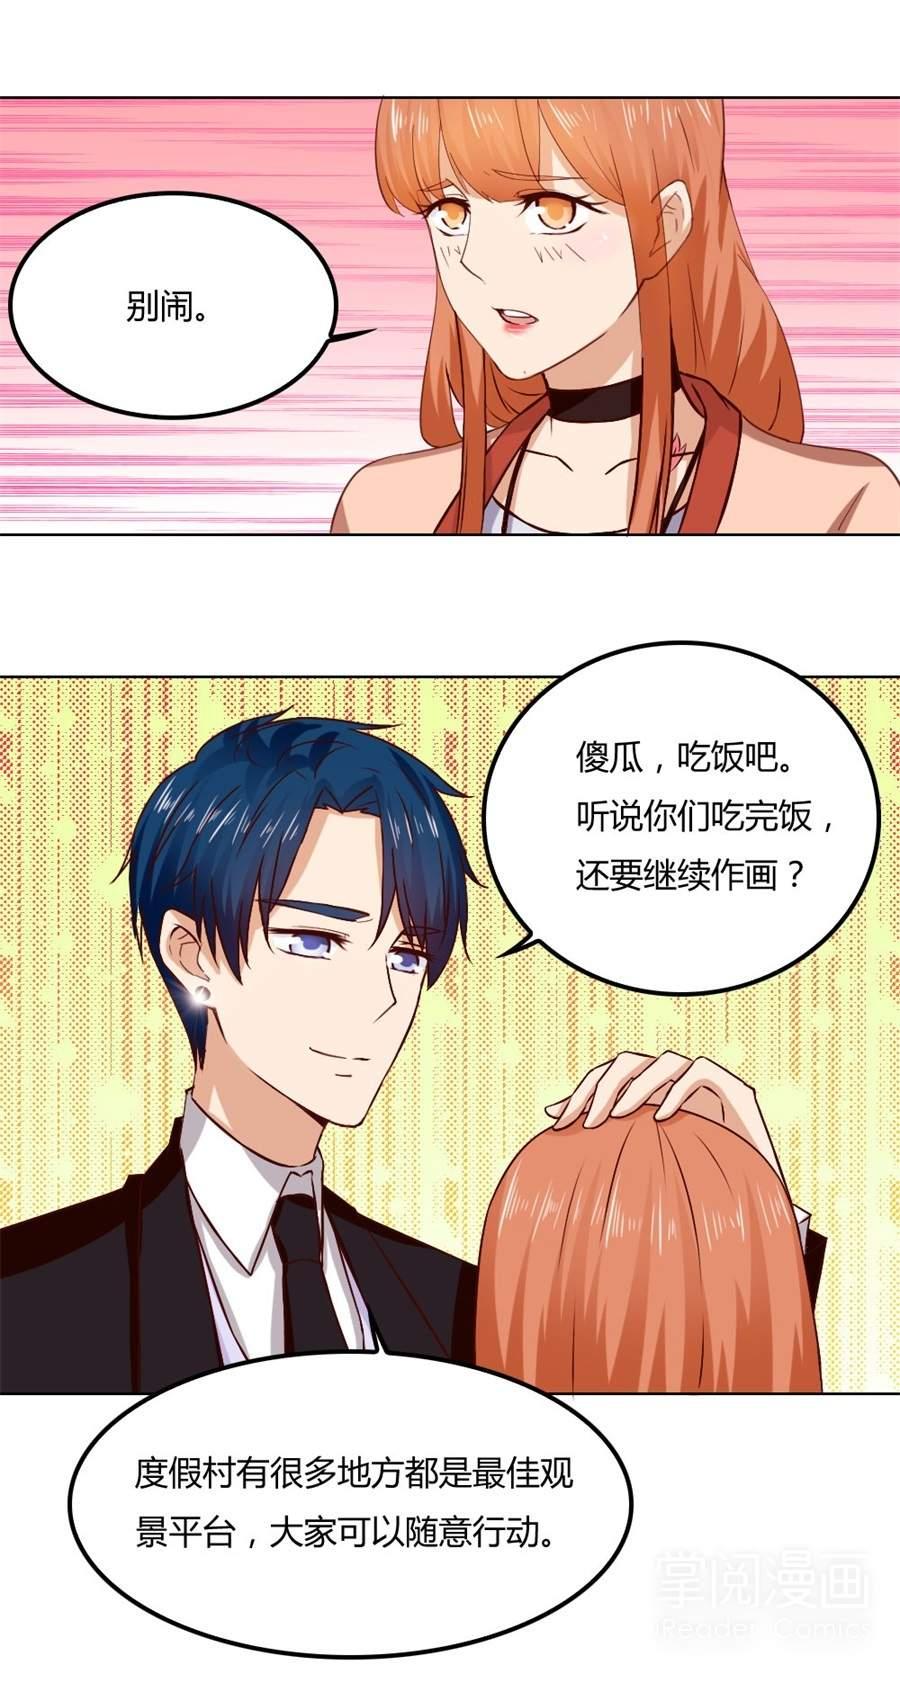 错嫁替婚总裁第80话  贺逸宁的隐藏技能 第 4